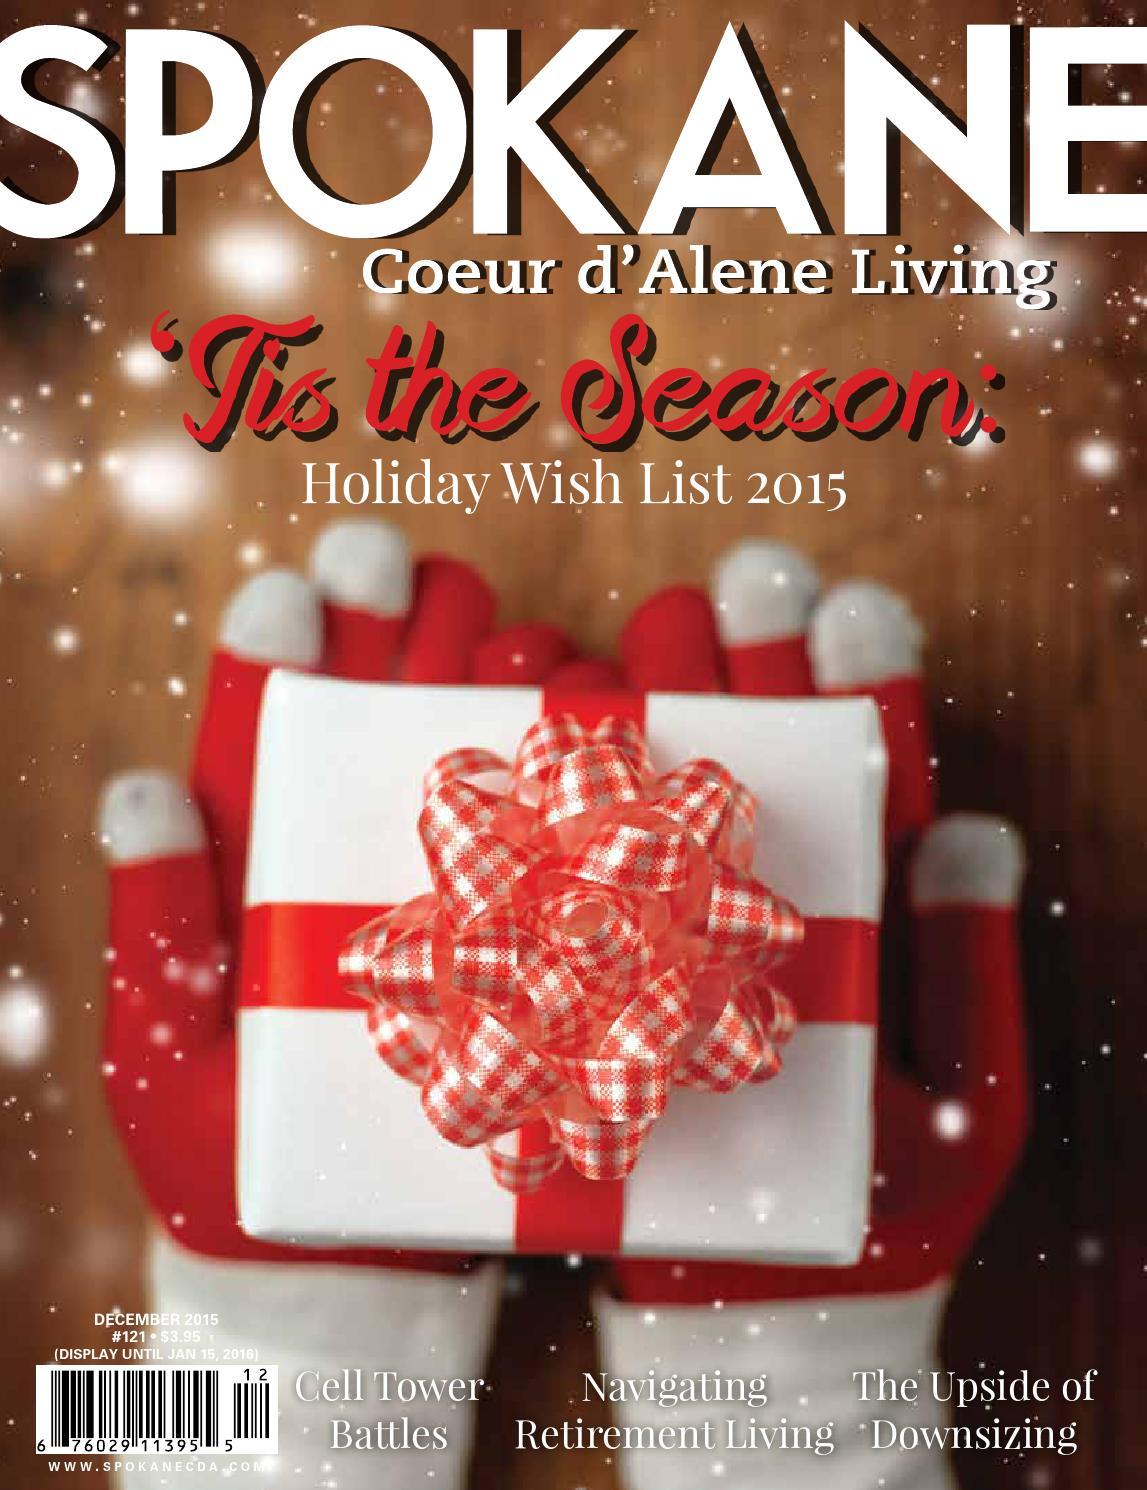 Spokane CDA Living December 2015 by